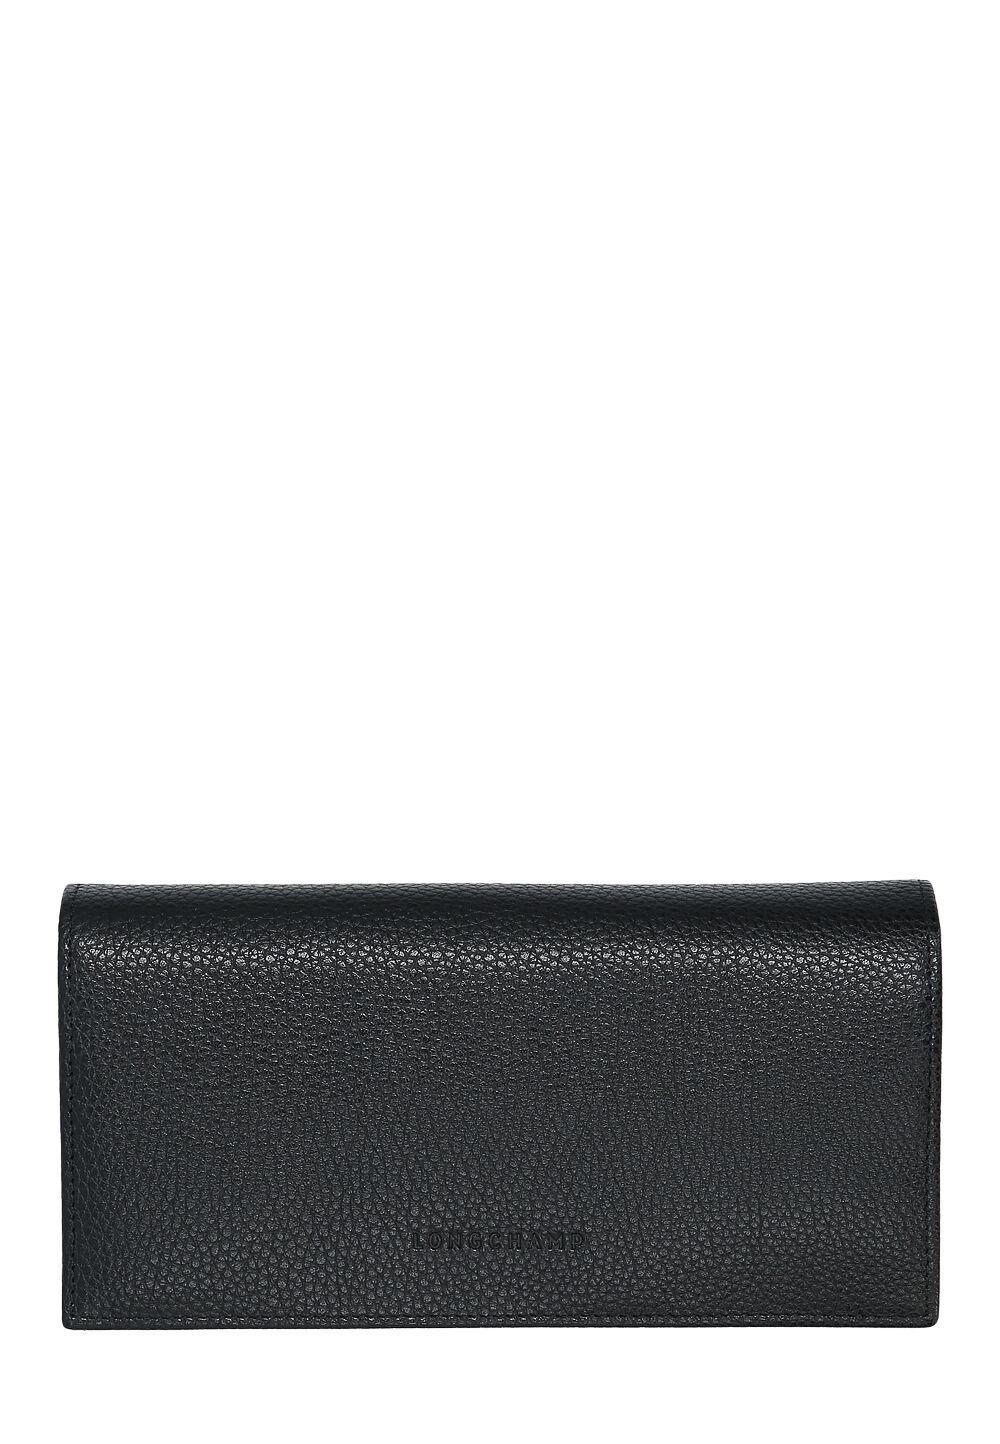 ca303d5962f648 Longchamp Portemonnaie La Foulonne, Leder, B19,5xH10xT3,5cm schwarz